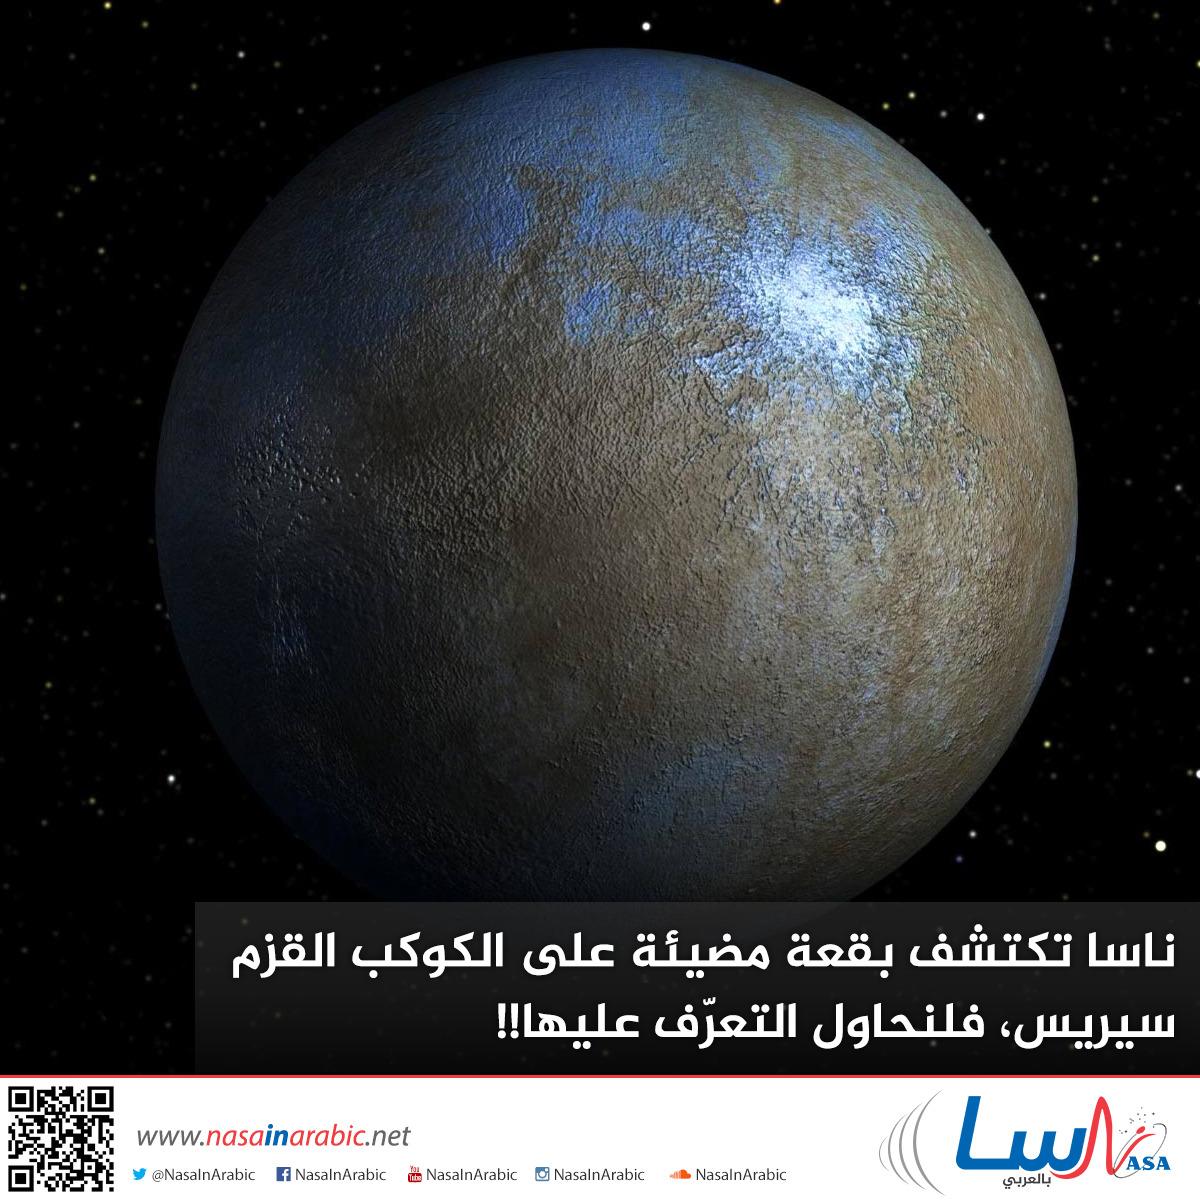 ناسا تكتشف بقعة مضيئة على الكوكب القزم سيريس، فلنحاول التعرّف عليها!!